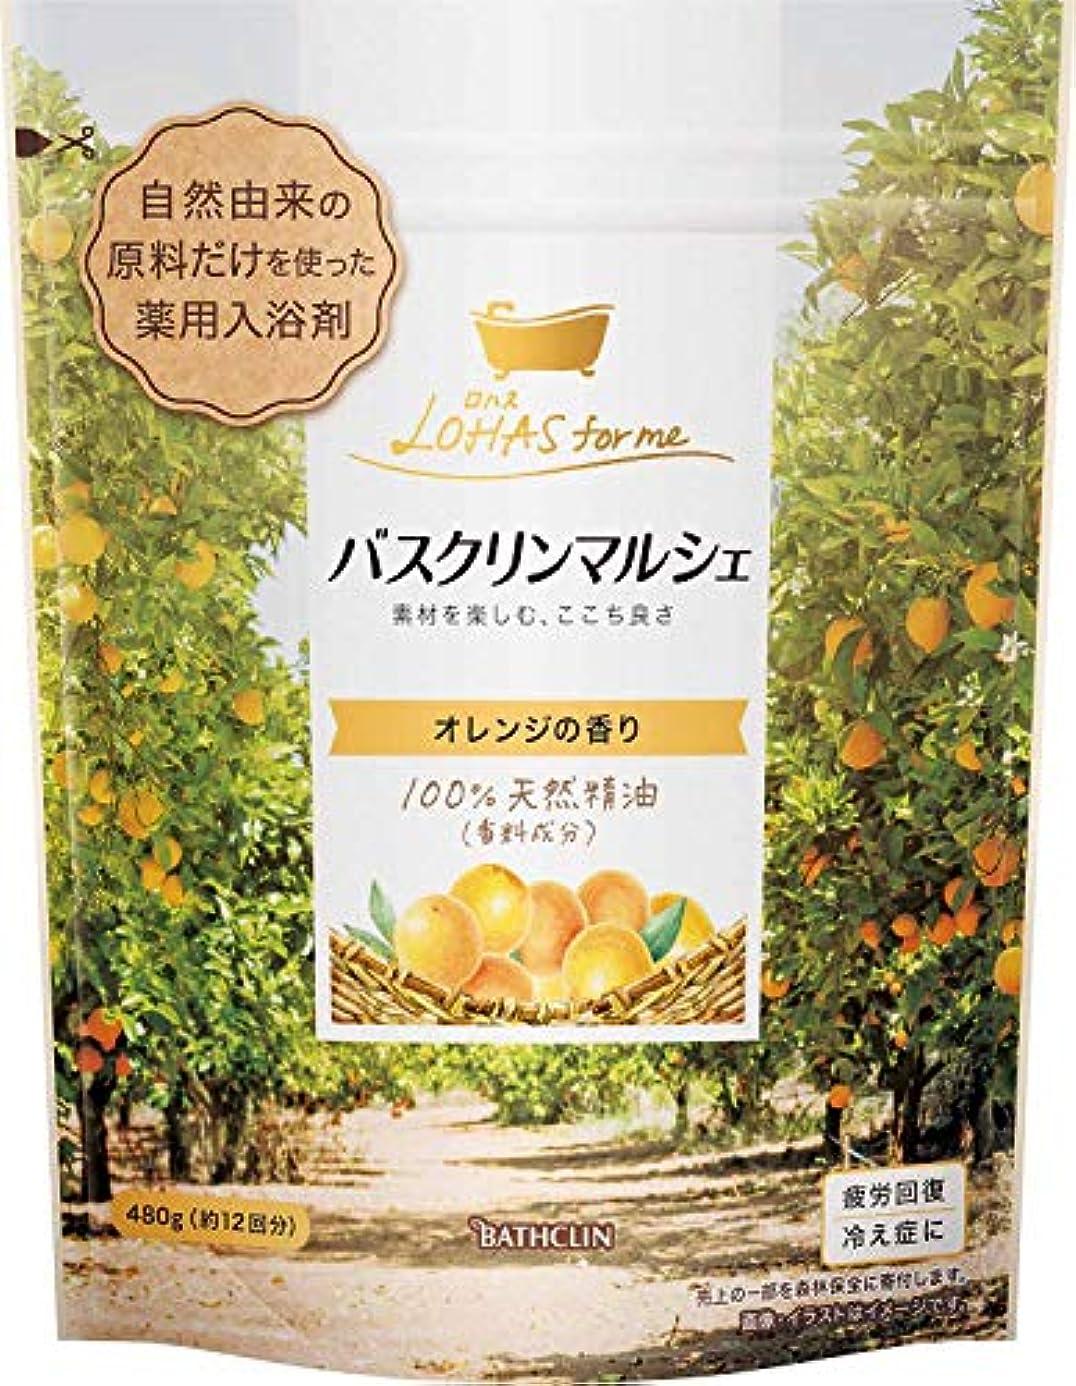 ヘリコプター品揃えフルーティー【医薬部外品/合成香料無添加】バスクリンマルシェ入浴剤 オレンジの香り480g 自然派ほのかなやさしい香り